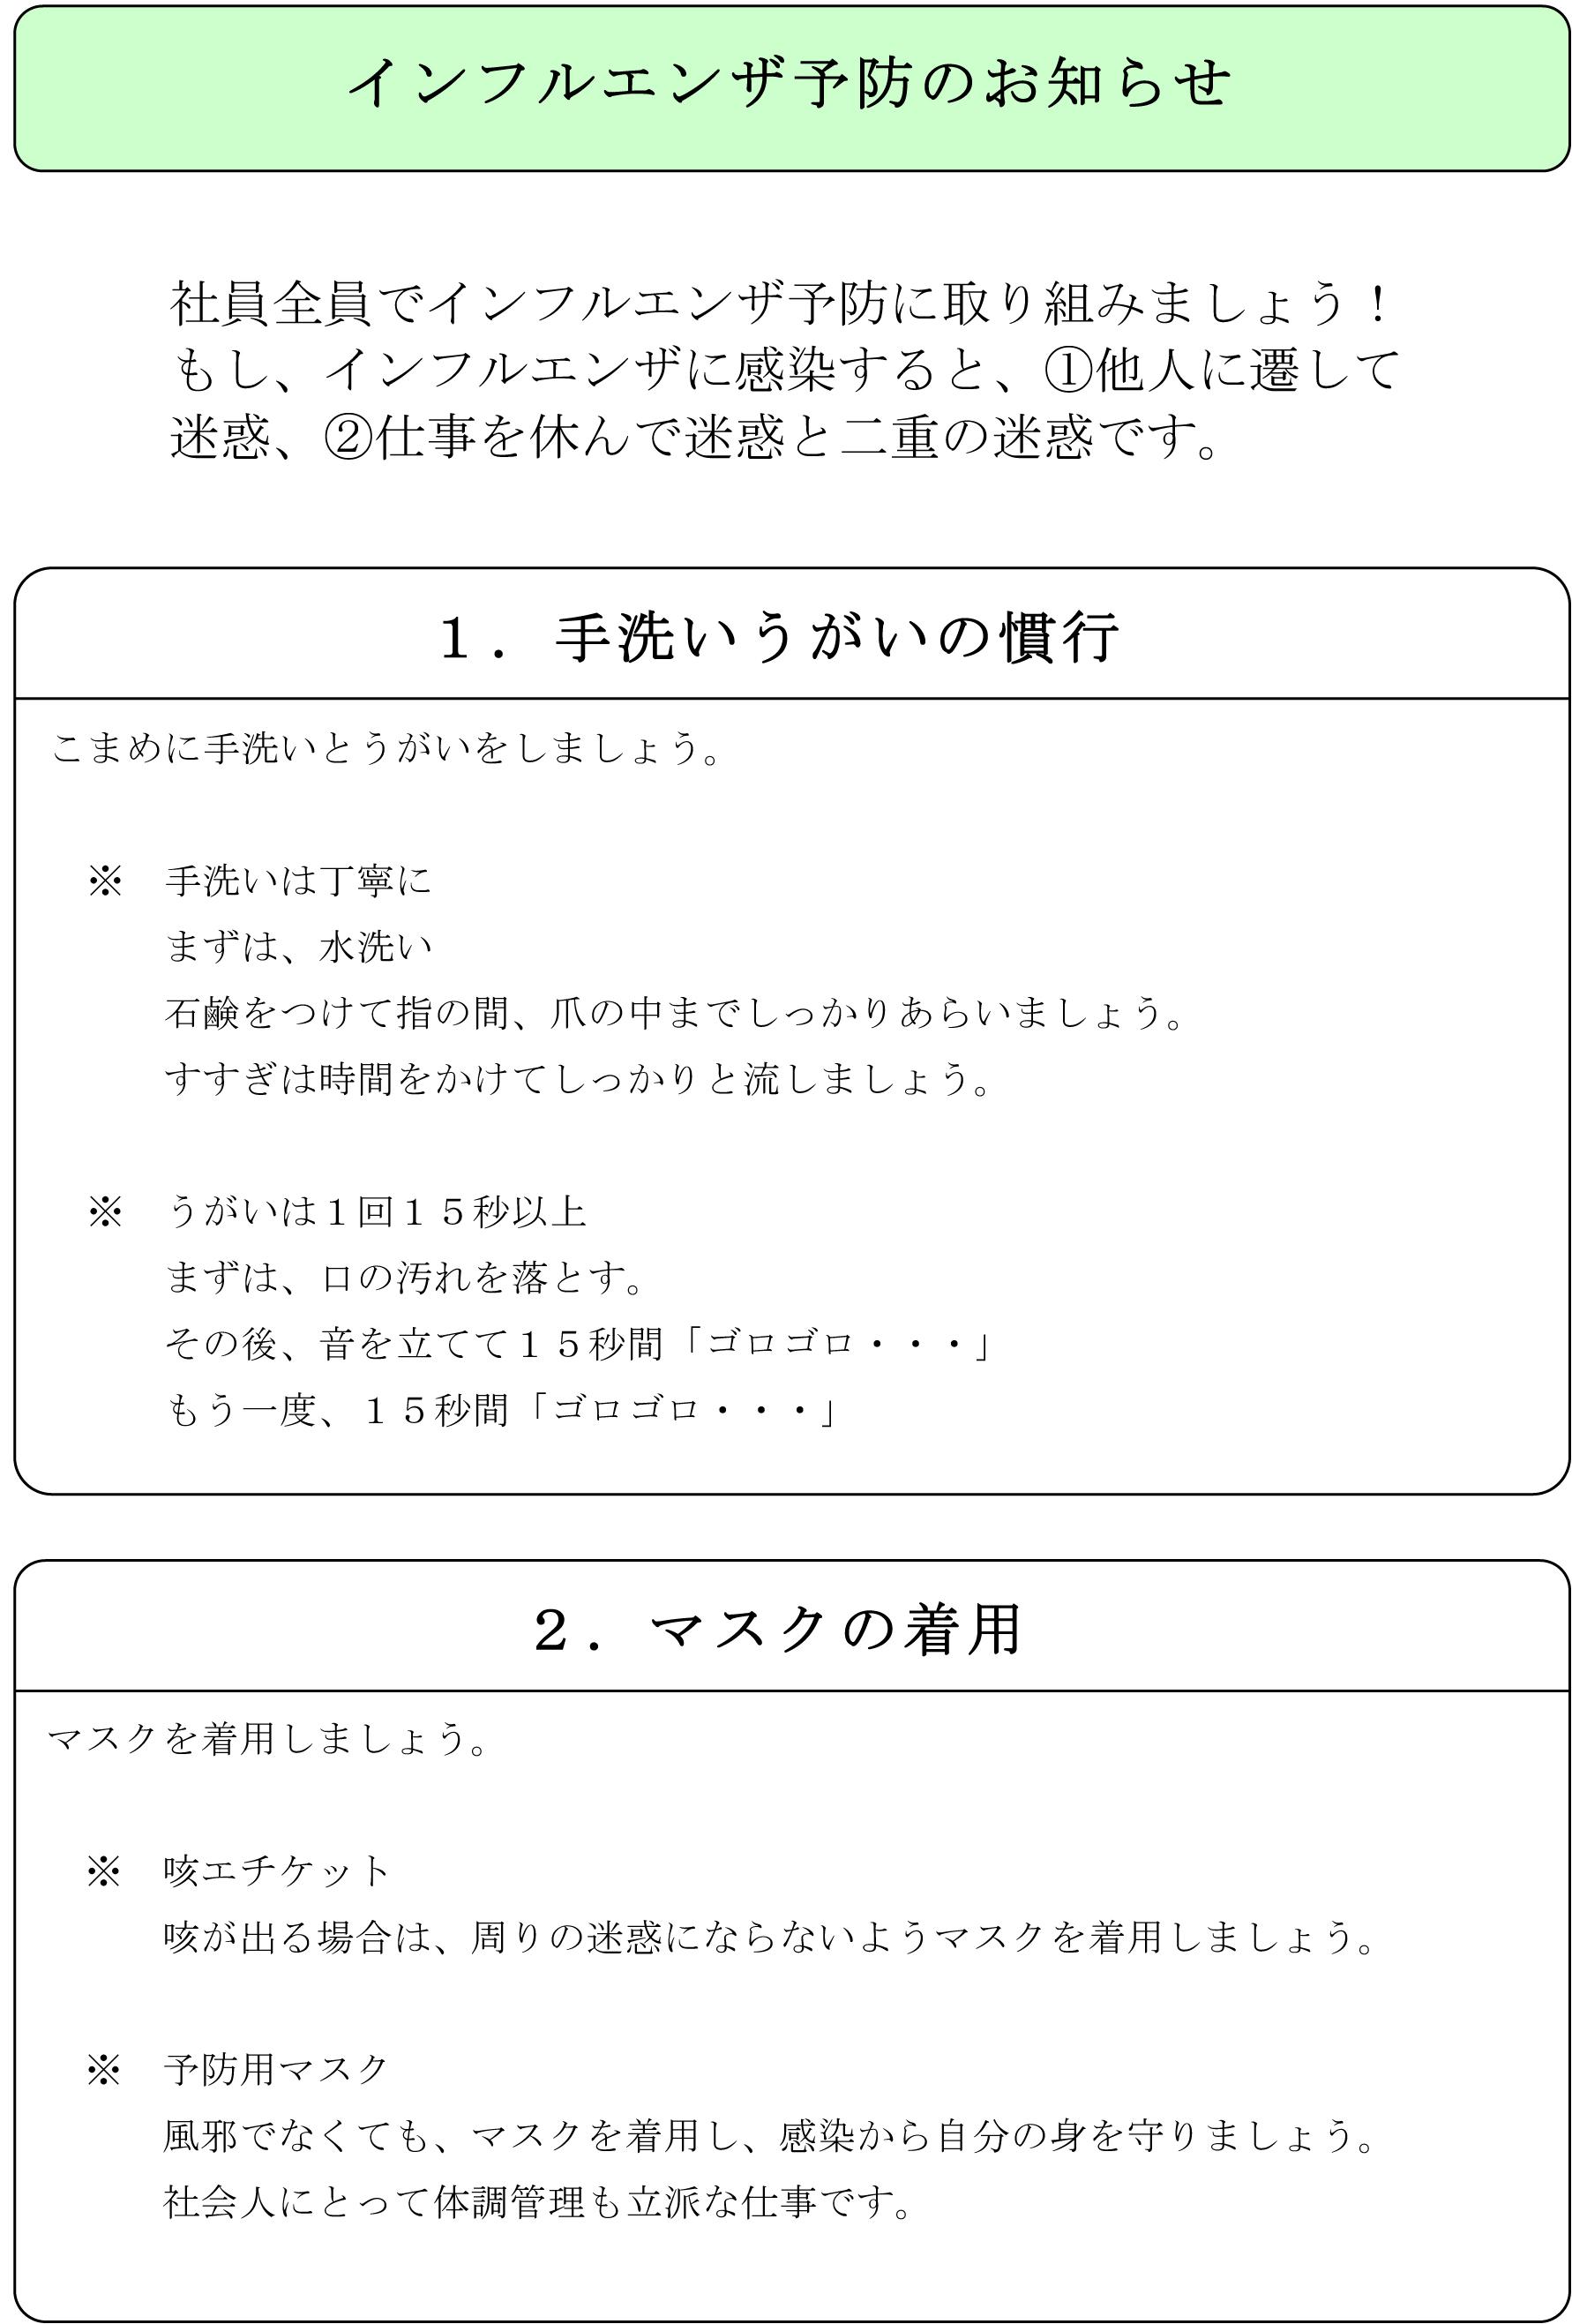 お知らせ(インフルエンザ予防)